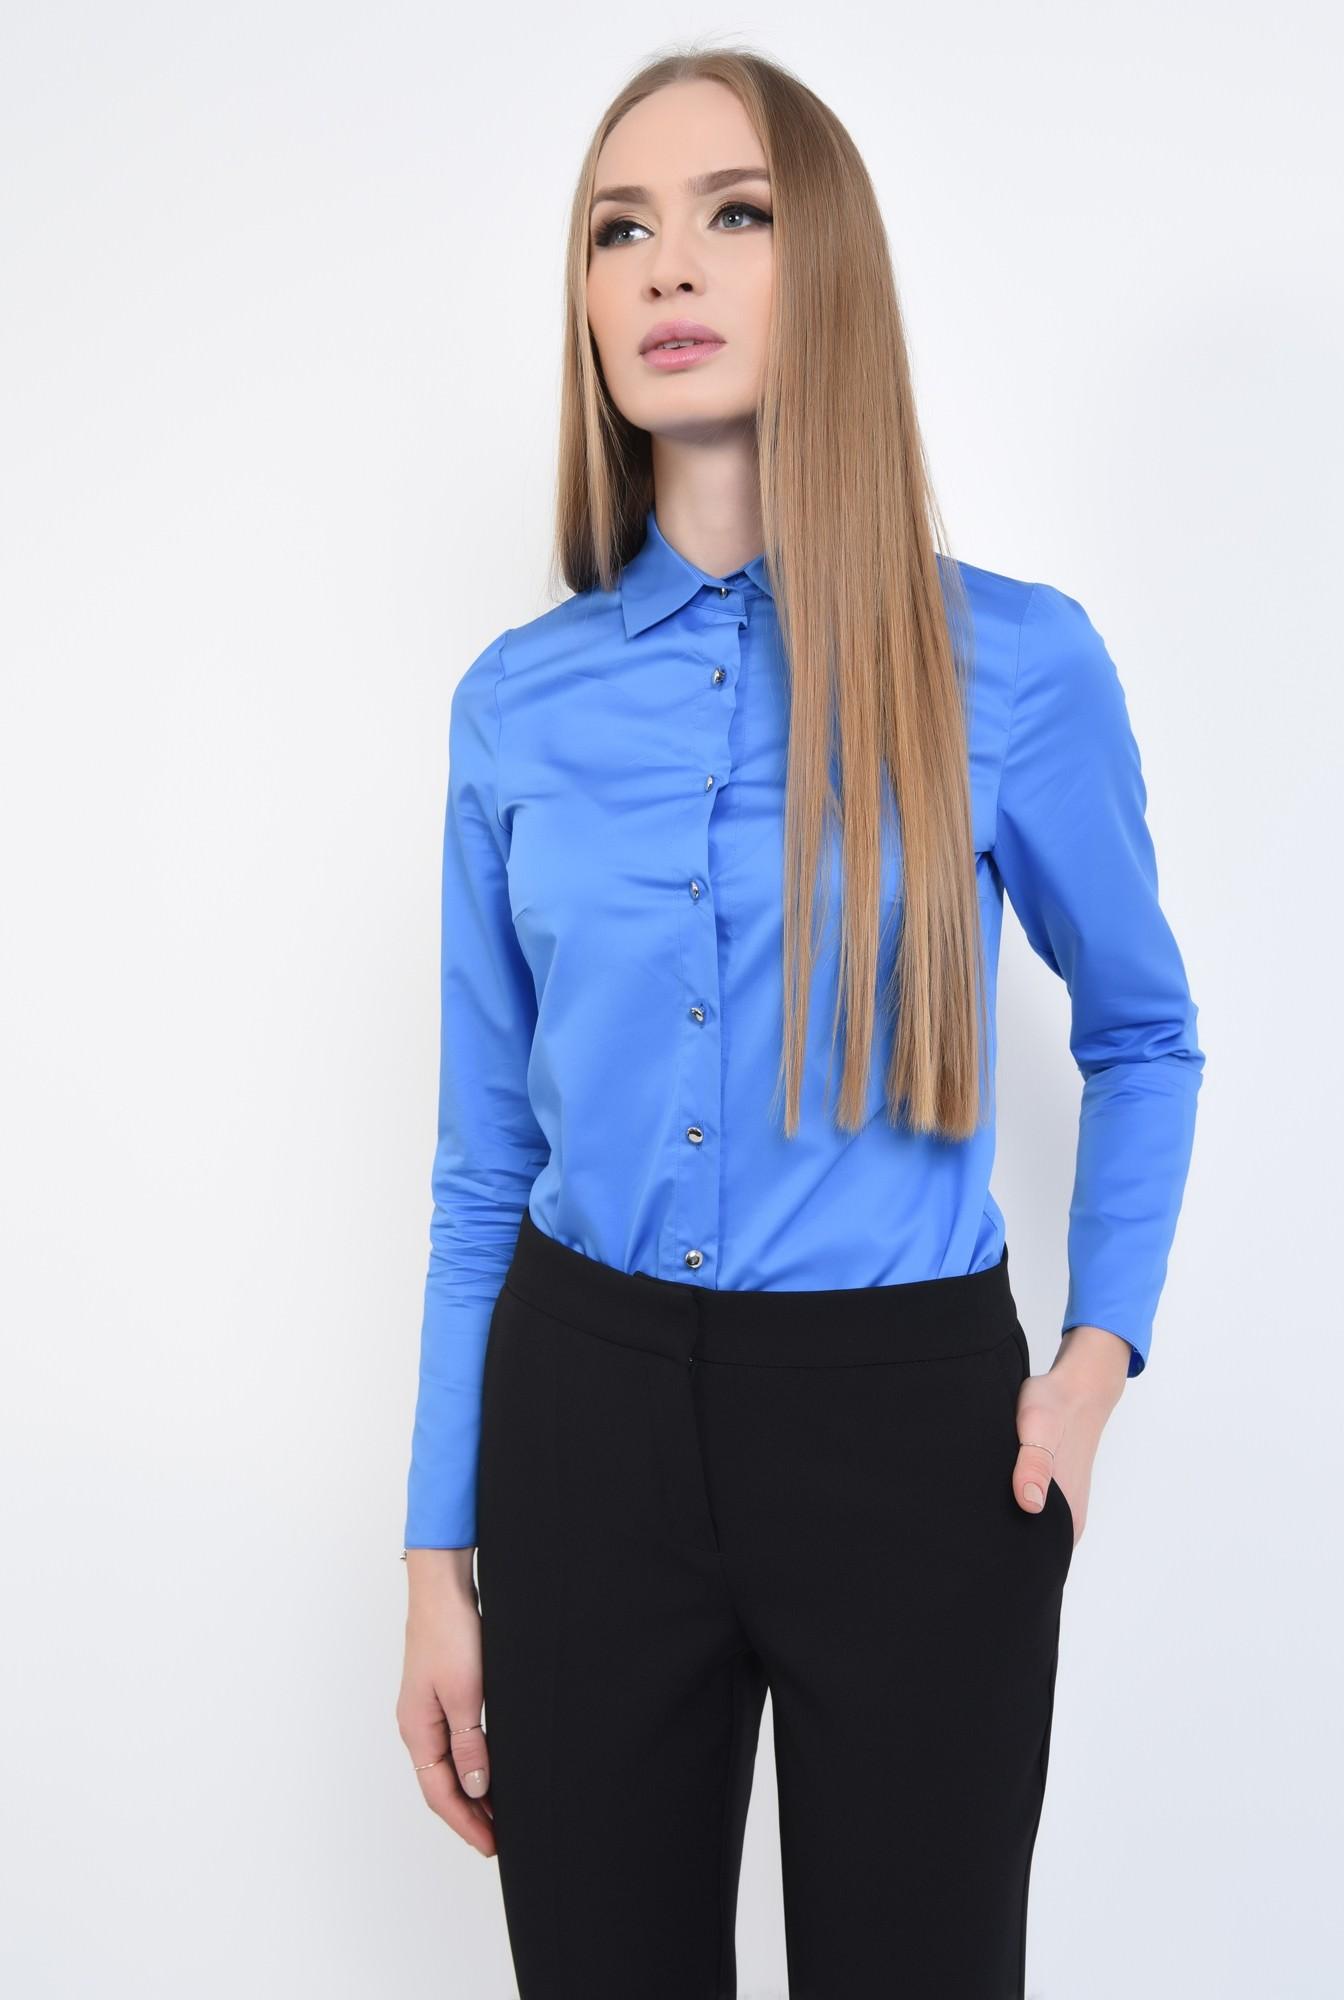 0 - Bluza casual, maneci lungi